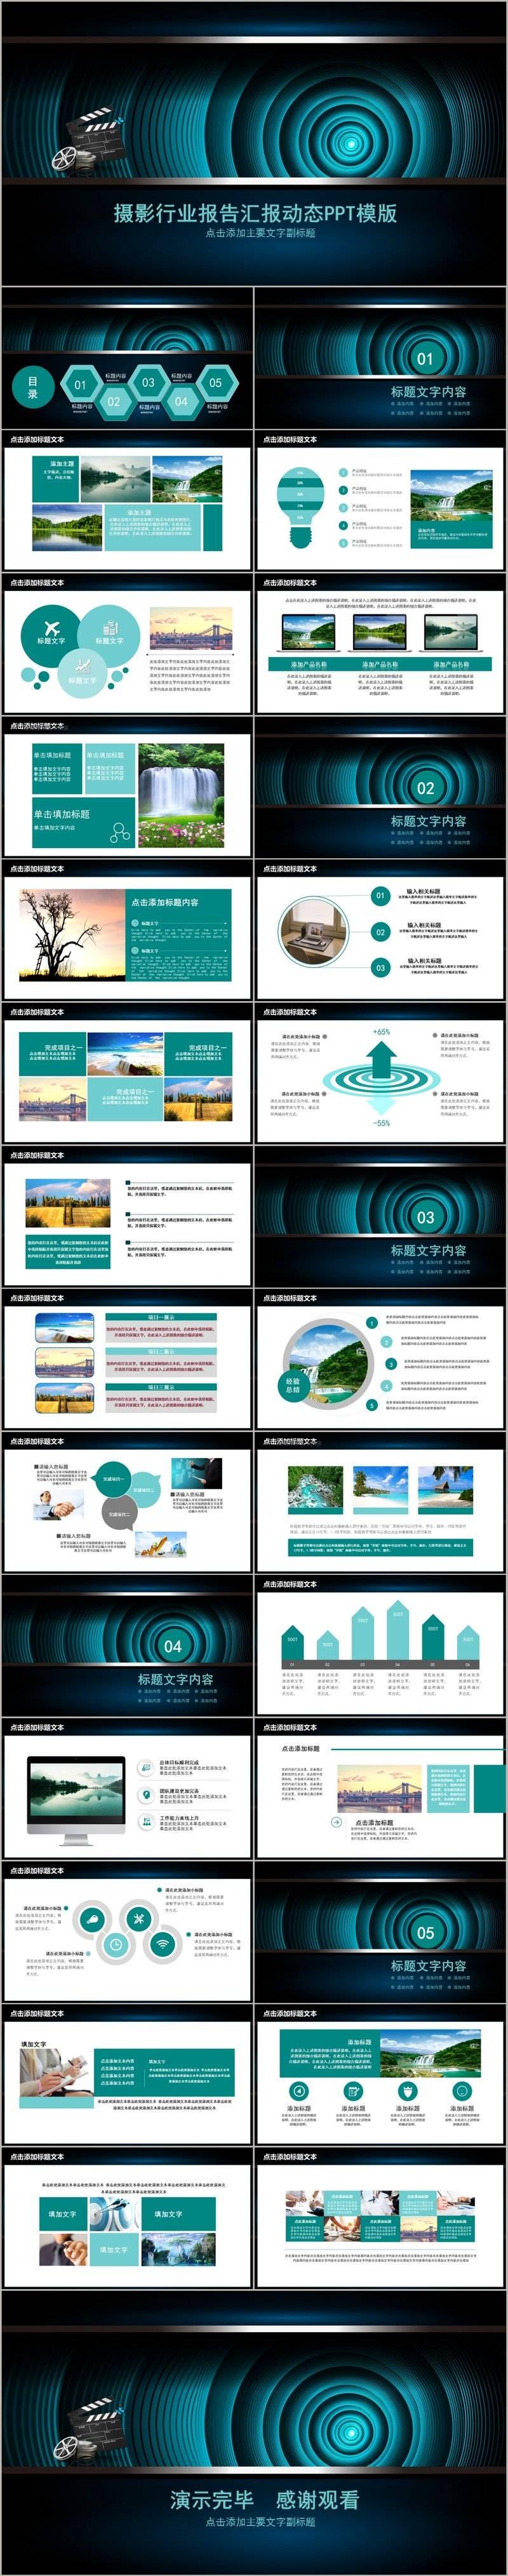 创意高端完整框架摄影公司行业工作总结报告PPT模板